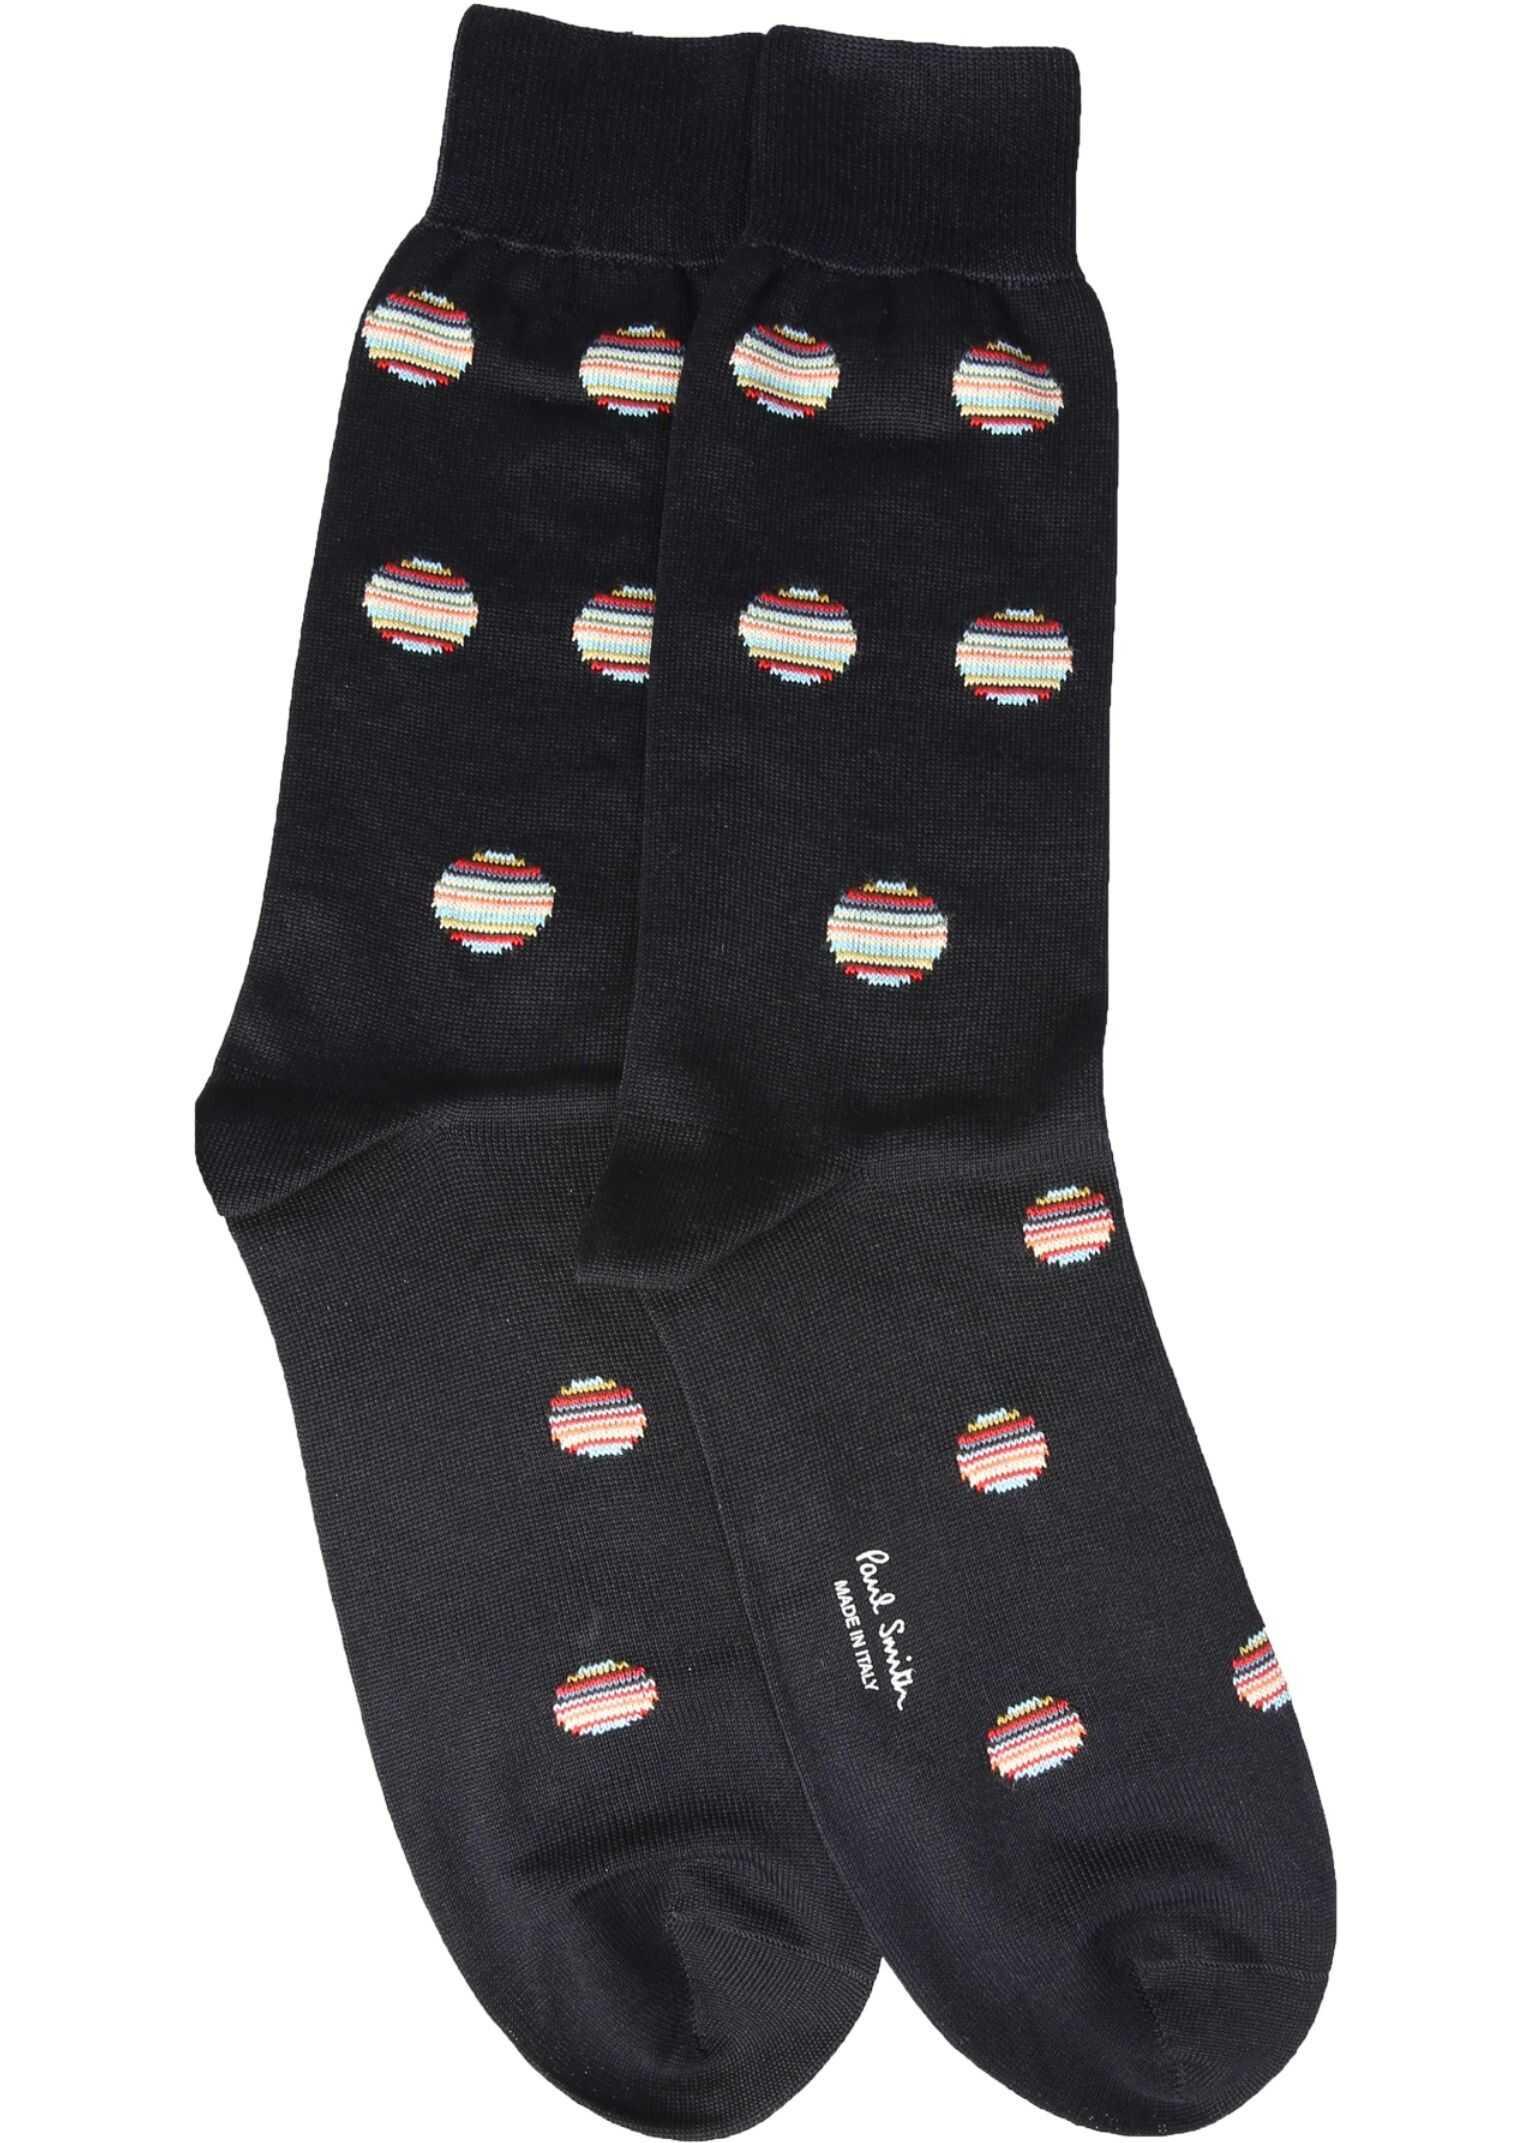 Paul Smith Polka Dot Multistripes Socks GREY imagine